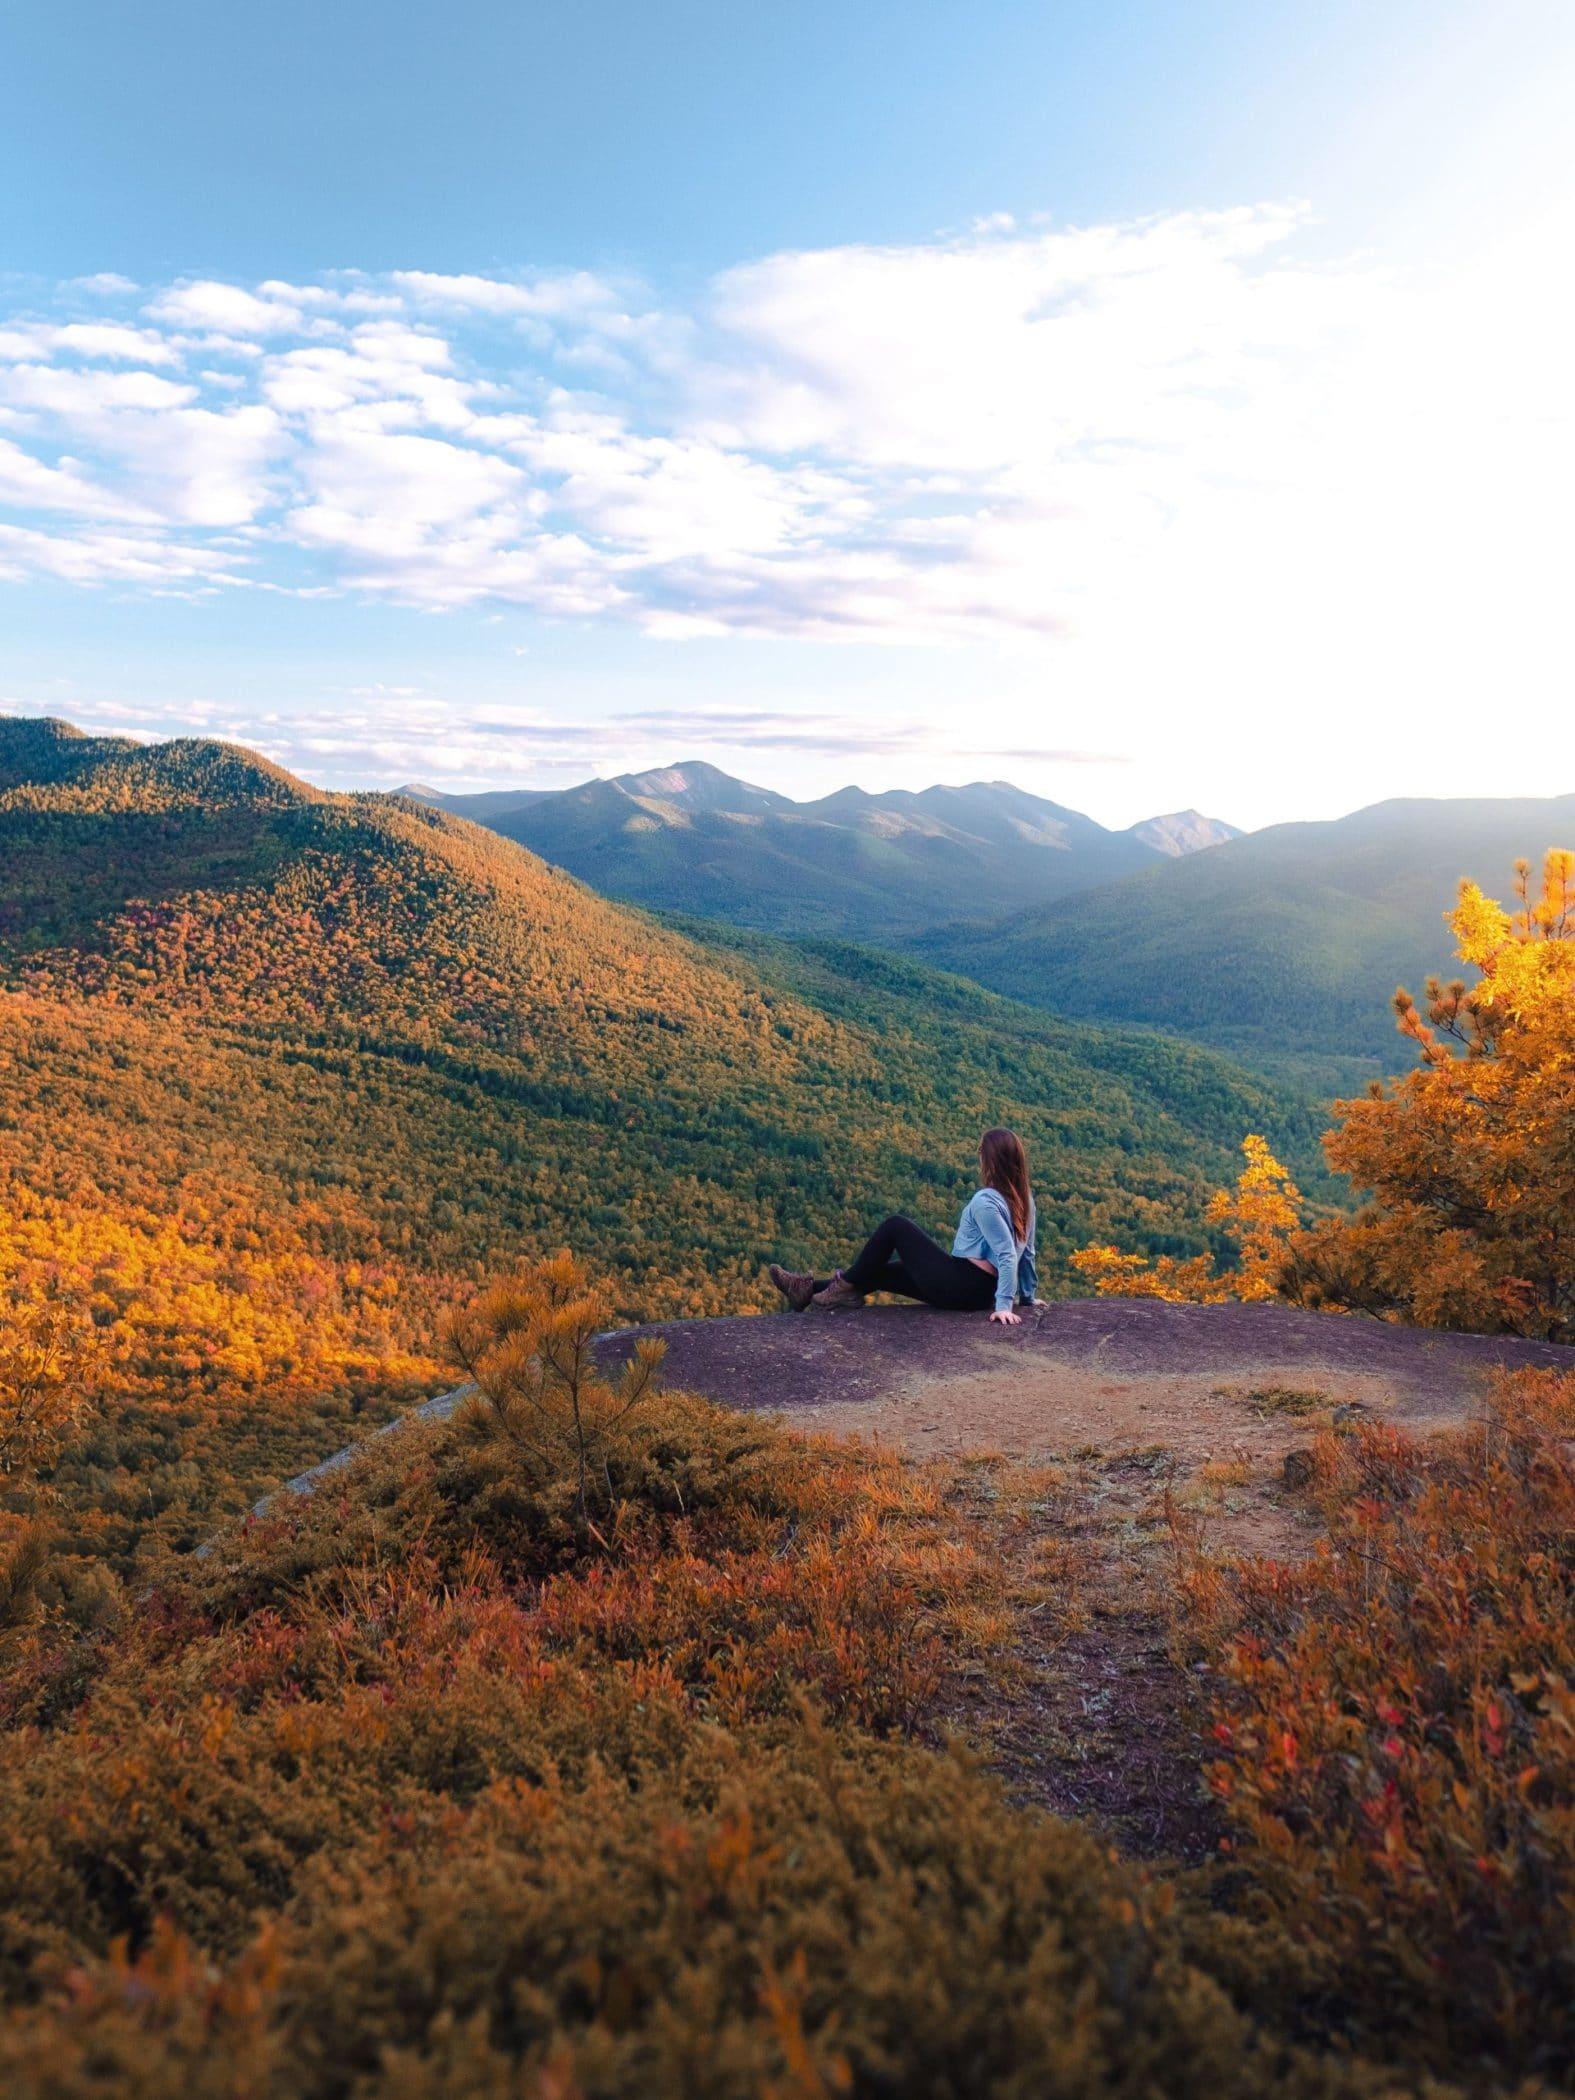 Baxter Mountain Summit at Sunset